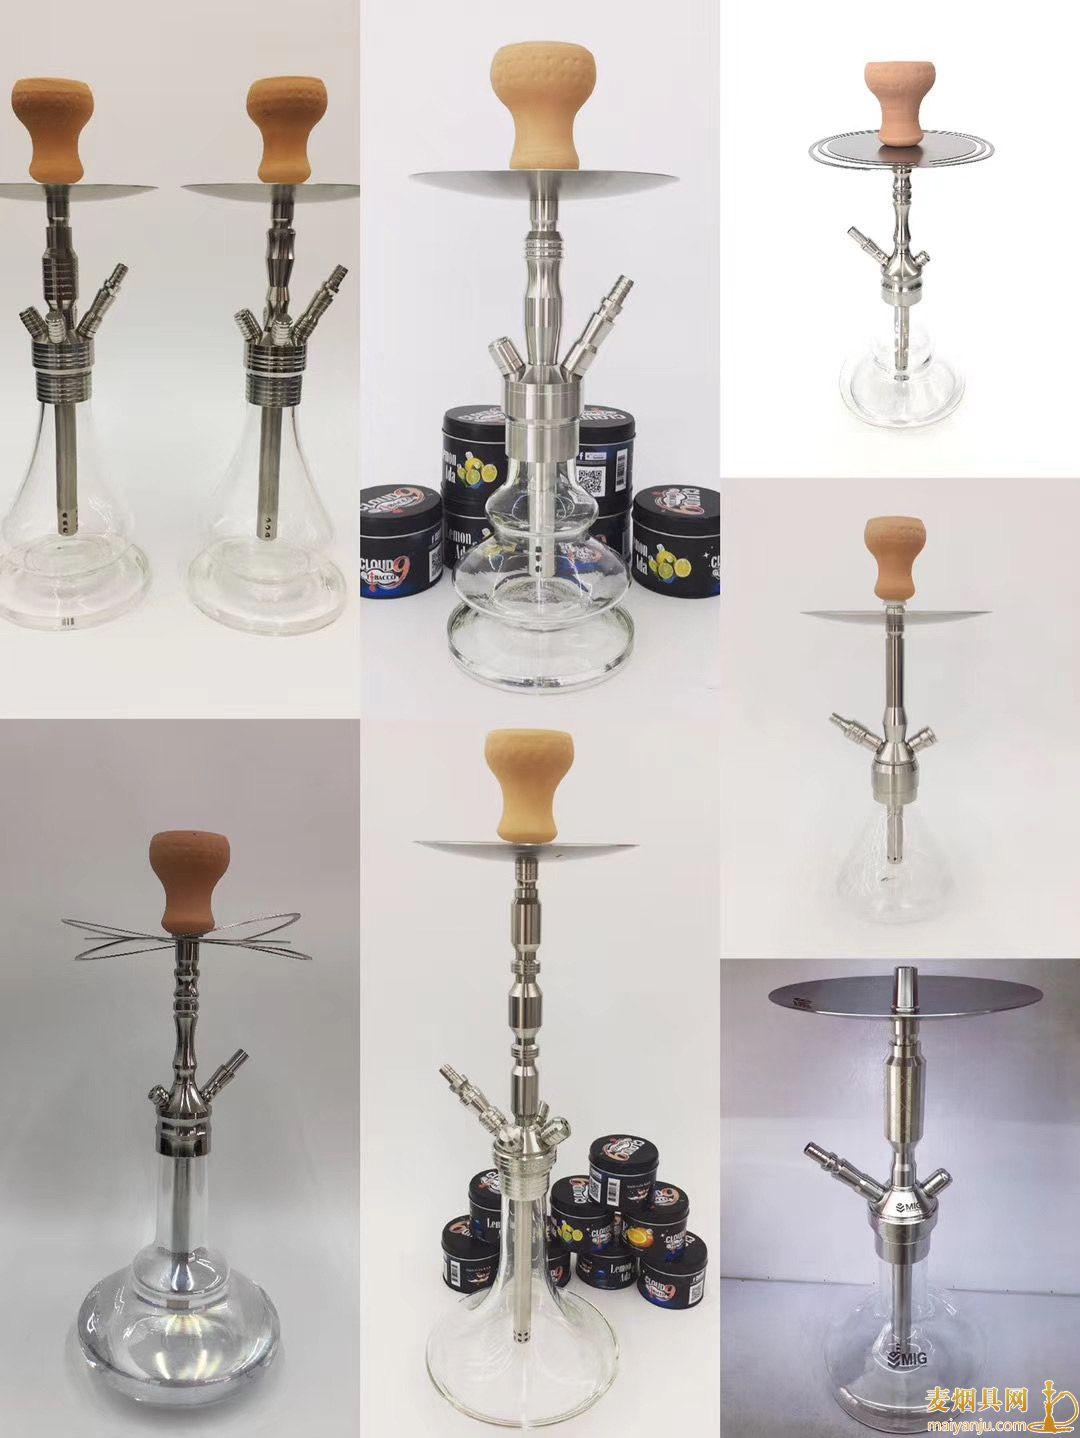 全网卖的最火的不锈钢阿拉伯水烟壶都有货